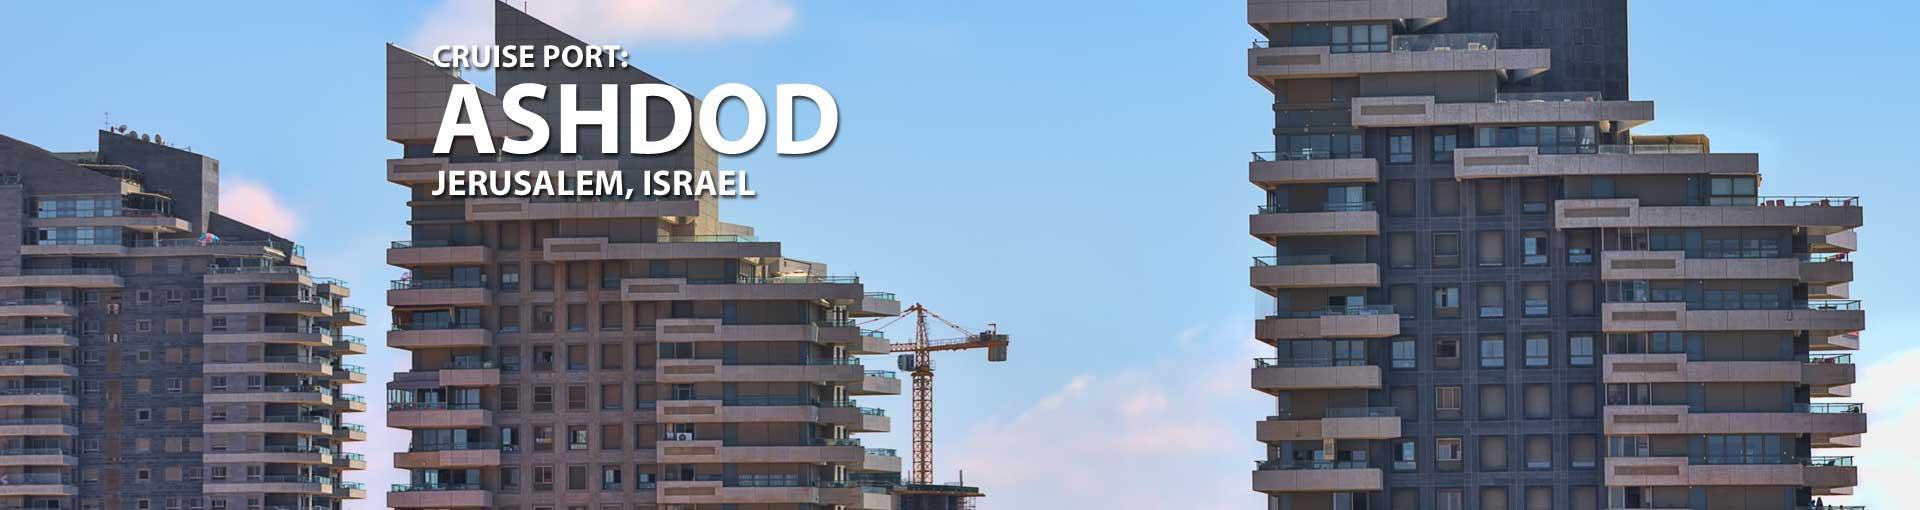 Cruises to Ashdod (Jerusalem), Israel